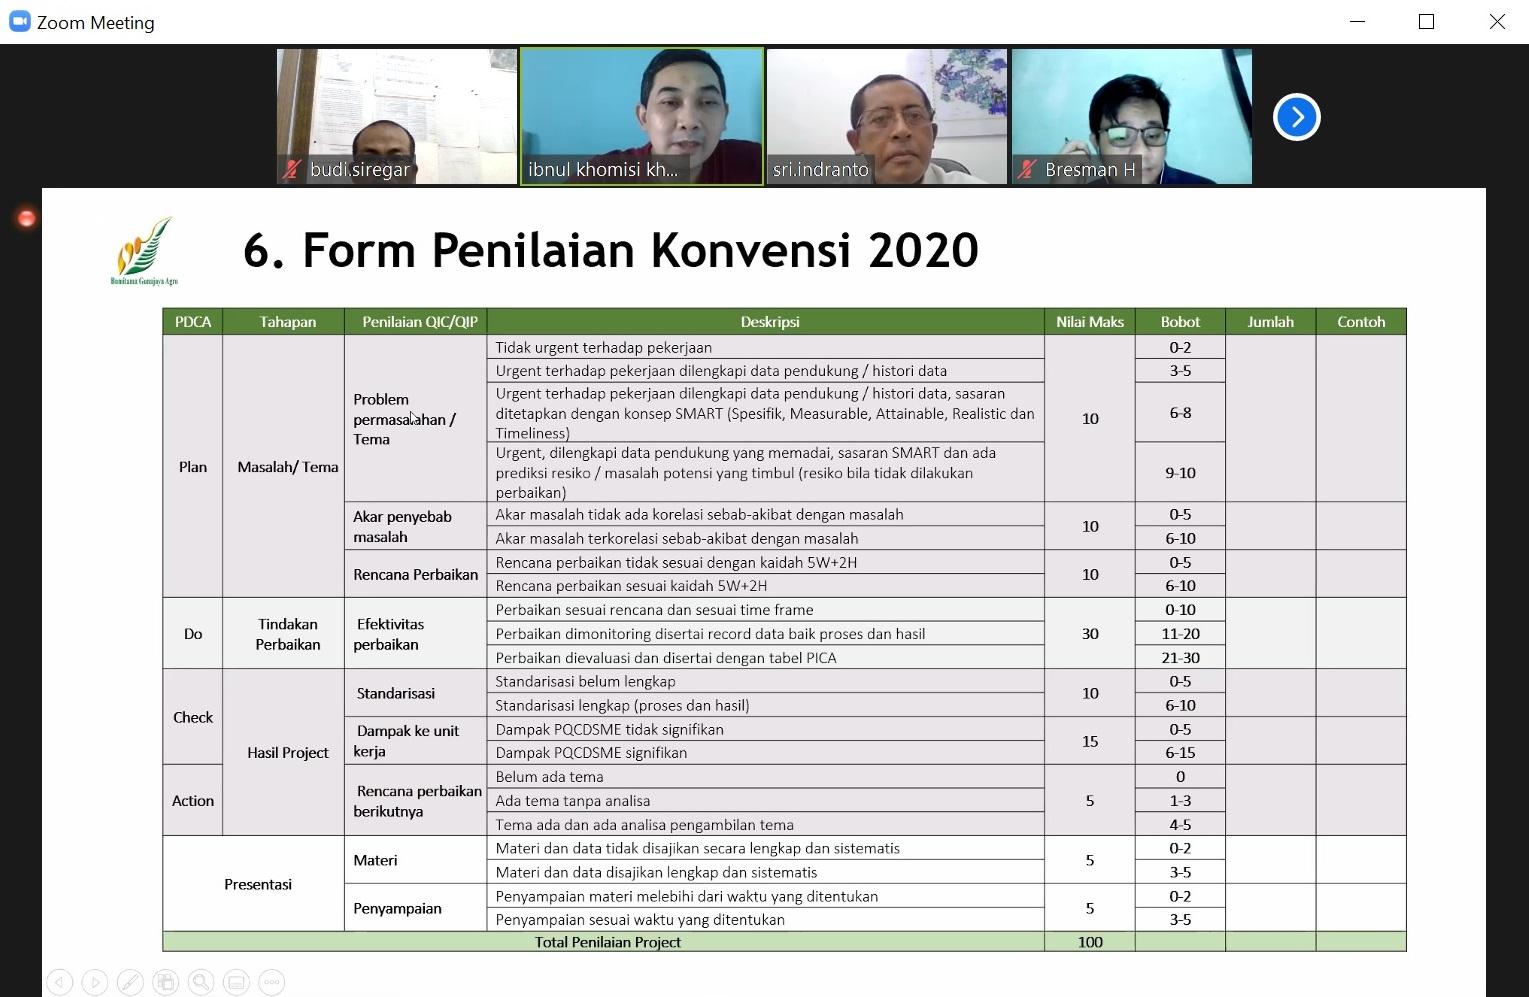 19. Form Penilaian Konvensi 2020